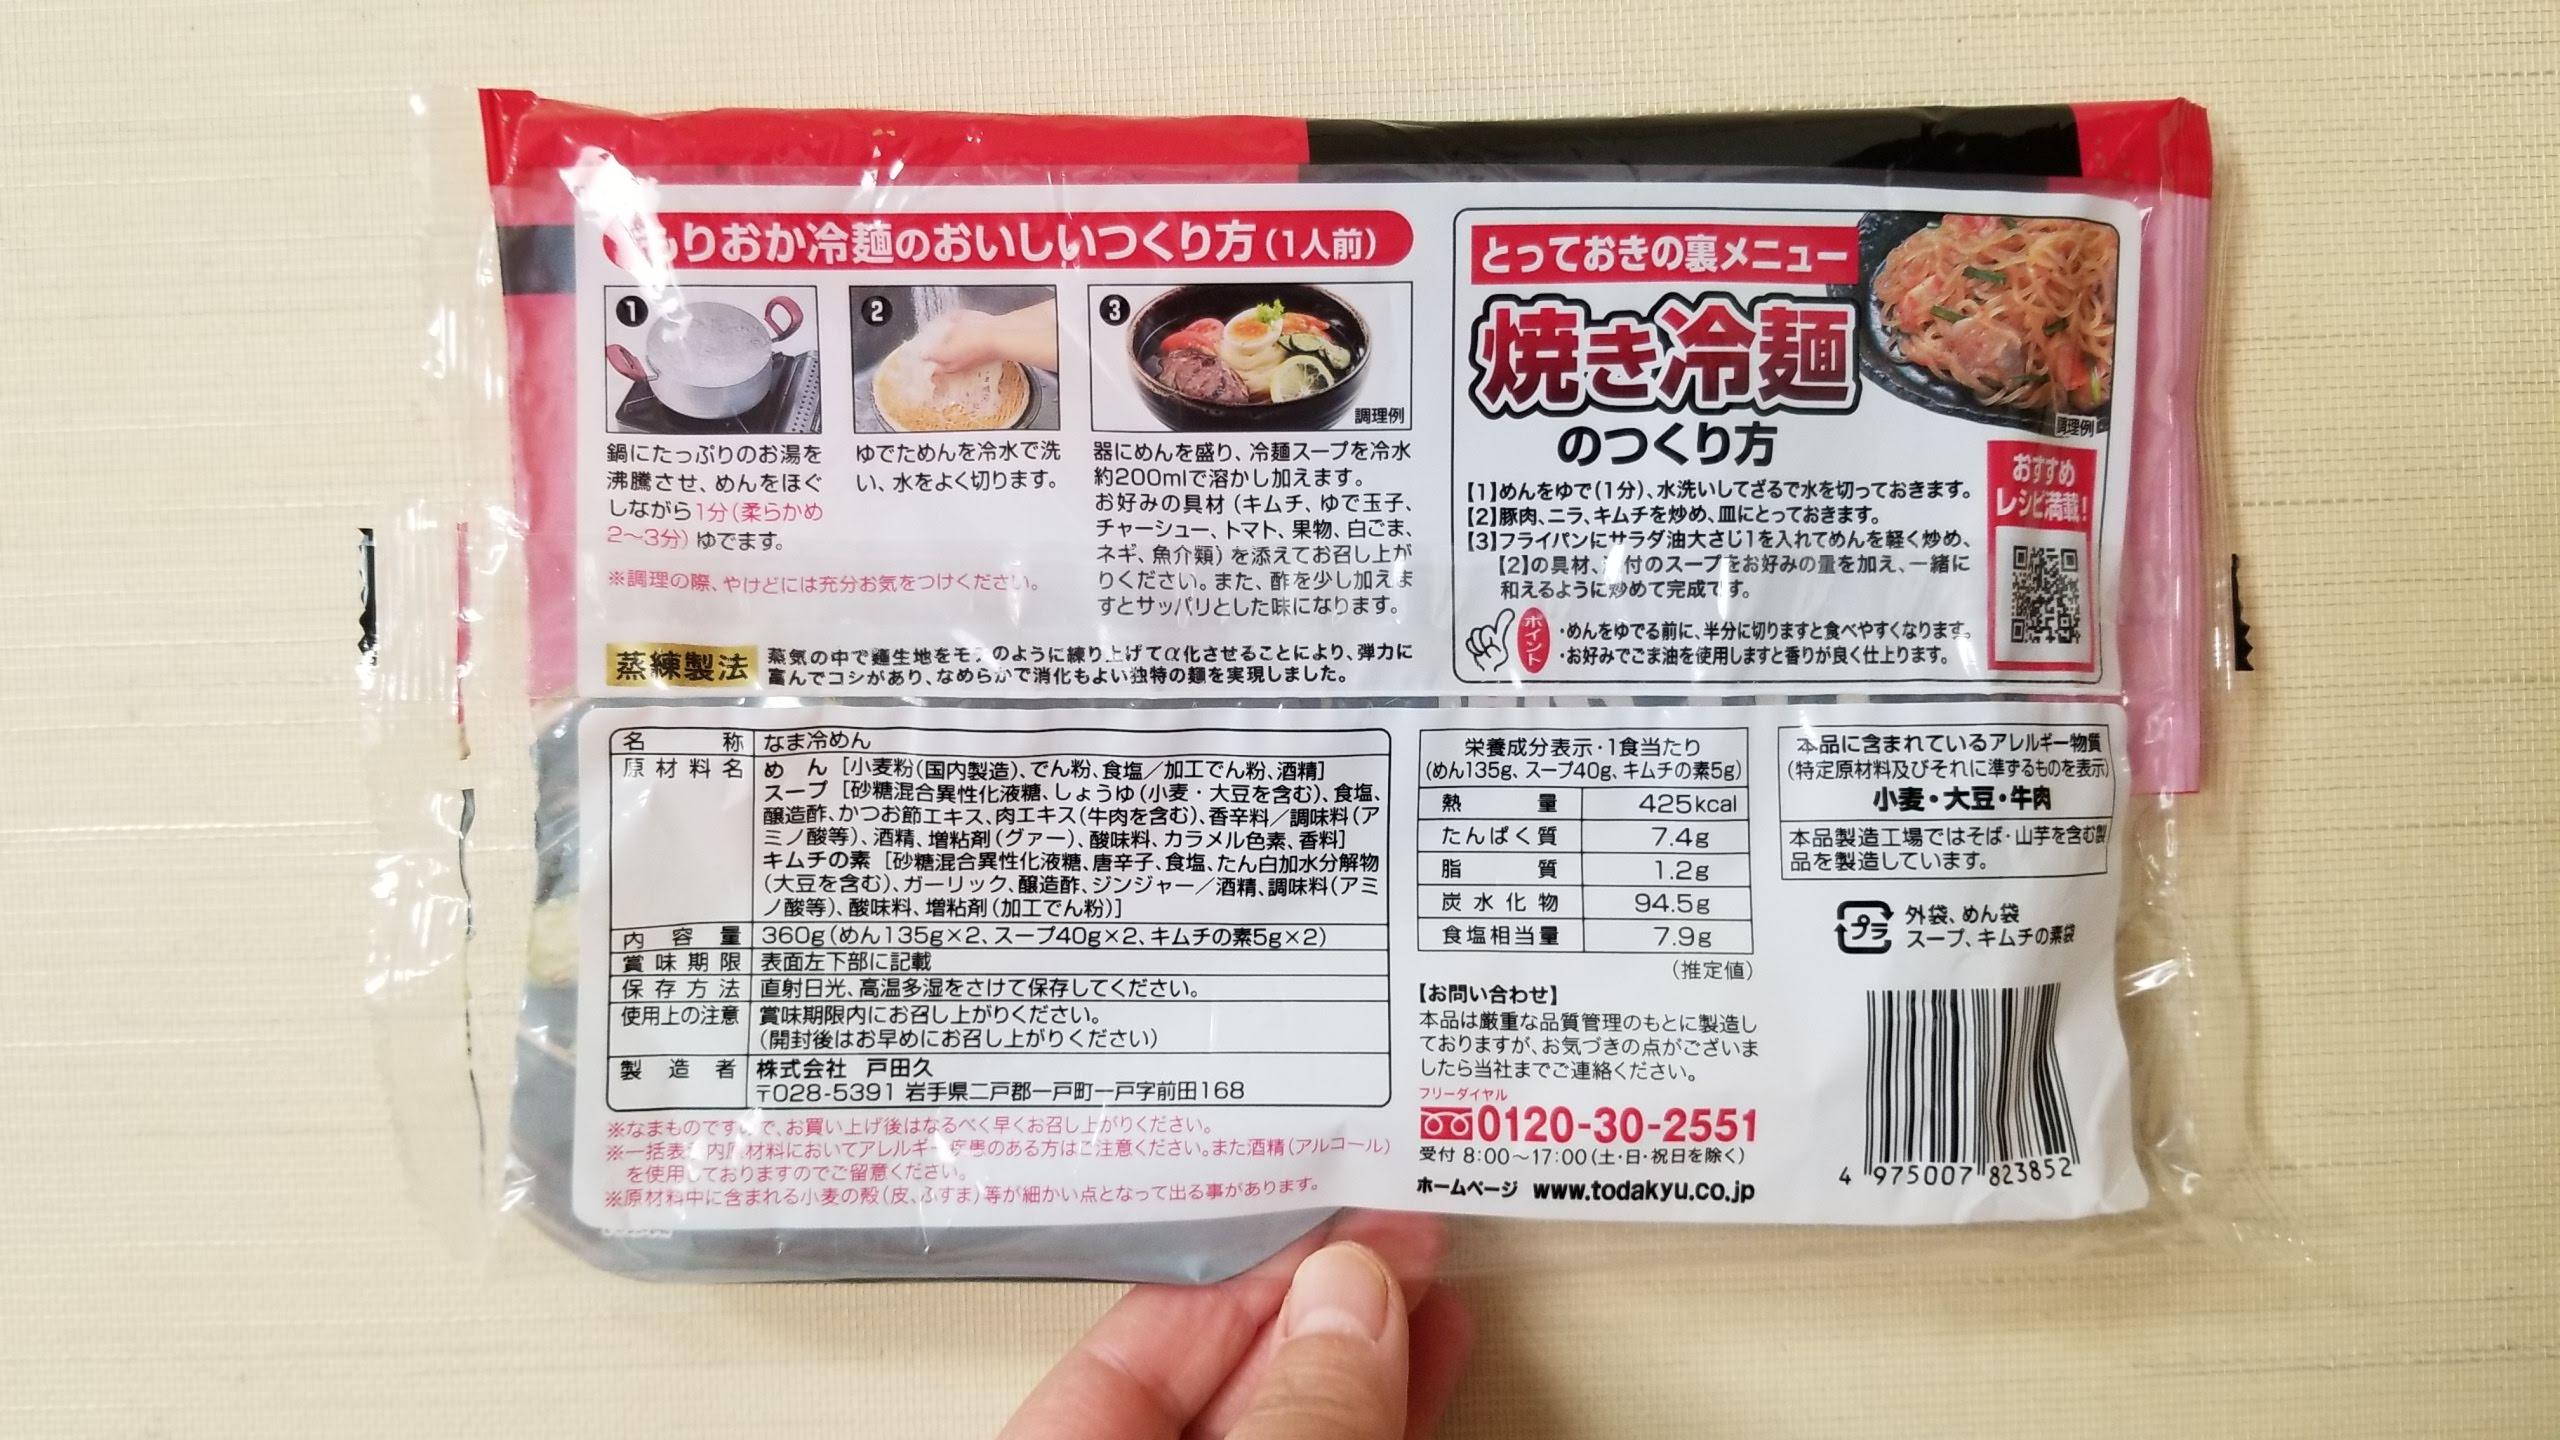 もりおか冷麺(2人前)/戸田久_20200429_125259(1)